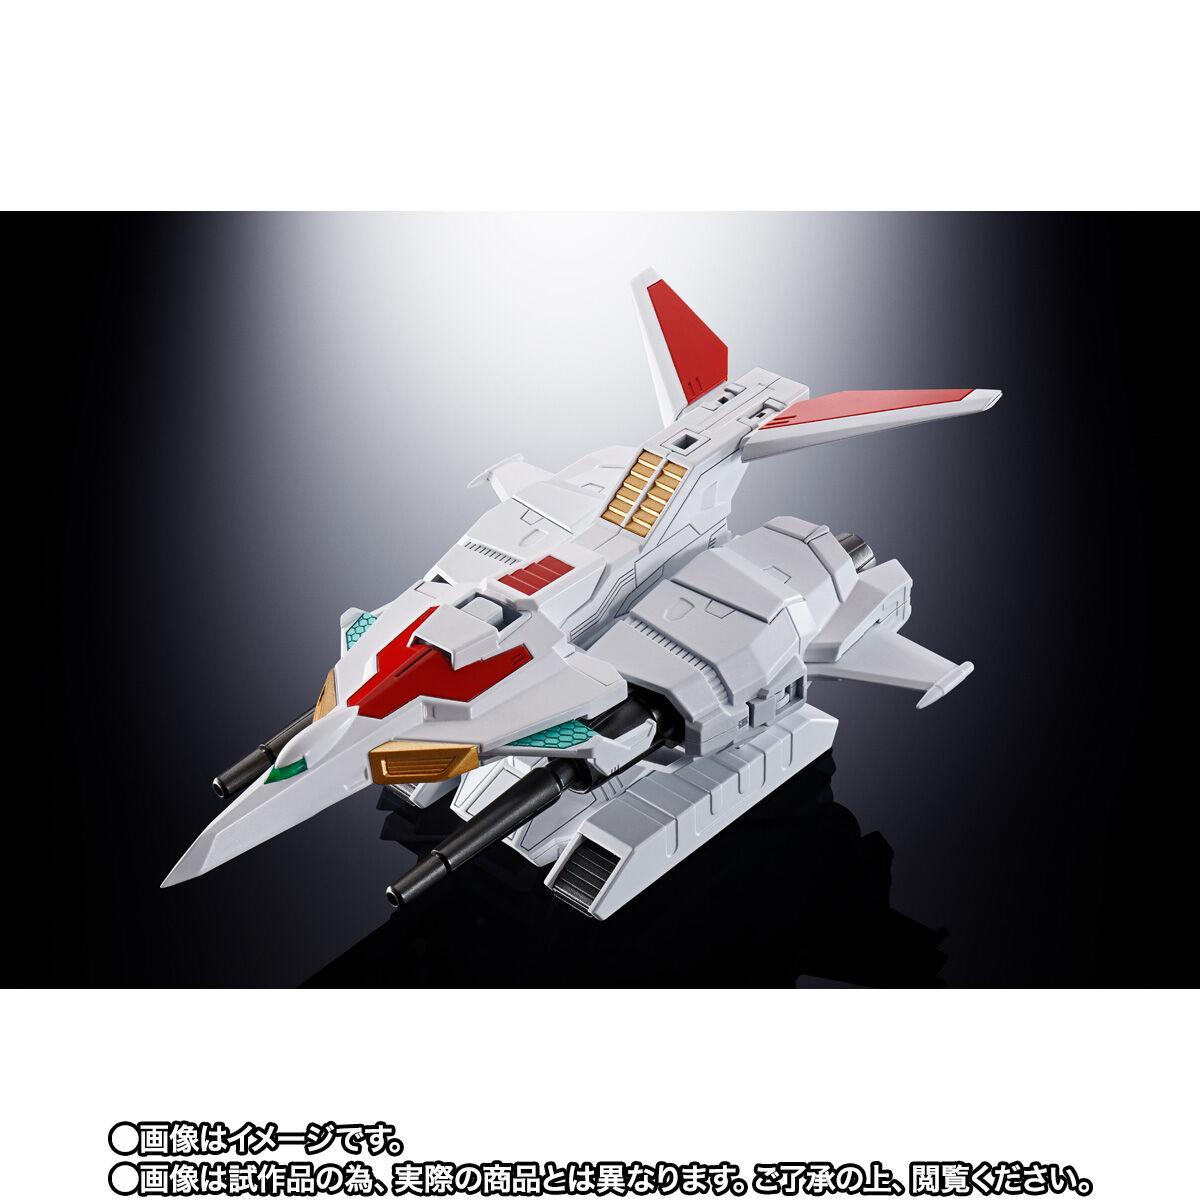 【限定販売】超合金魂『GX-96X Gアームライザー』ゲッターロボ號 可動フィギュア-004